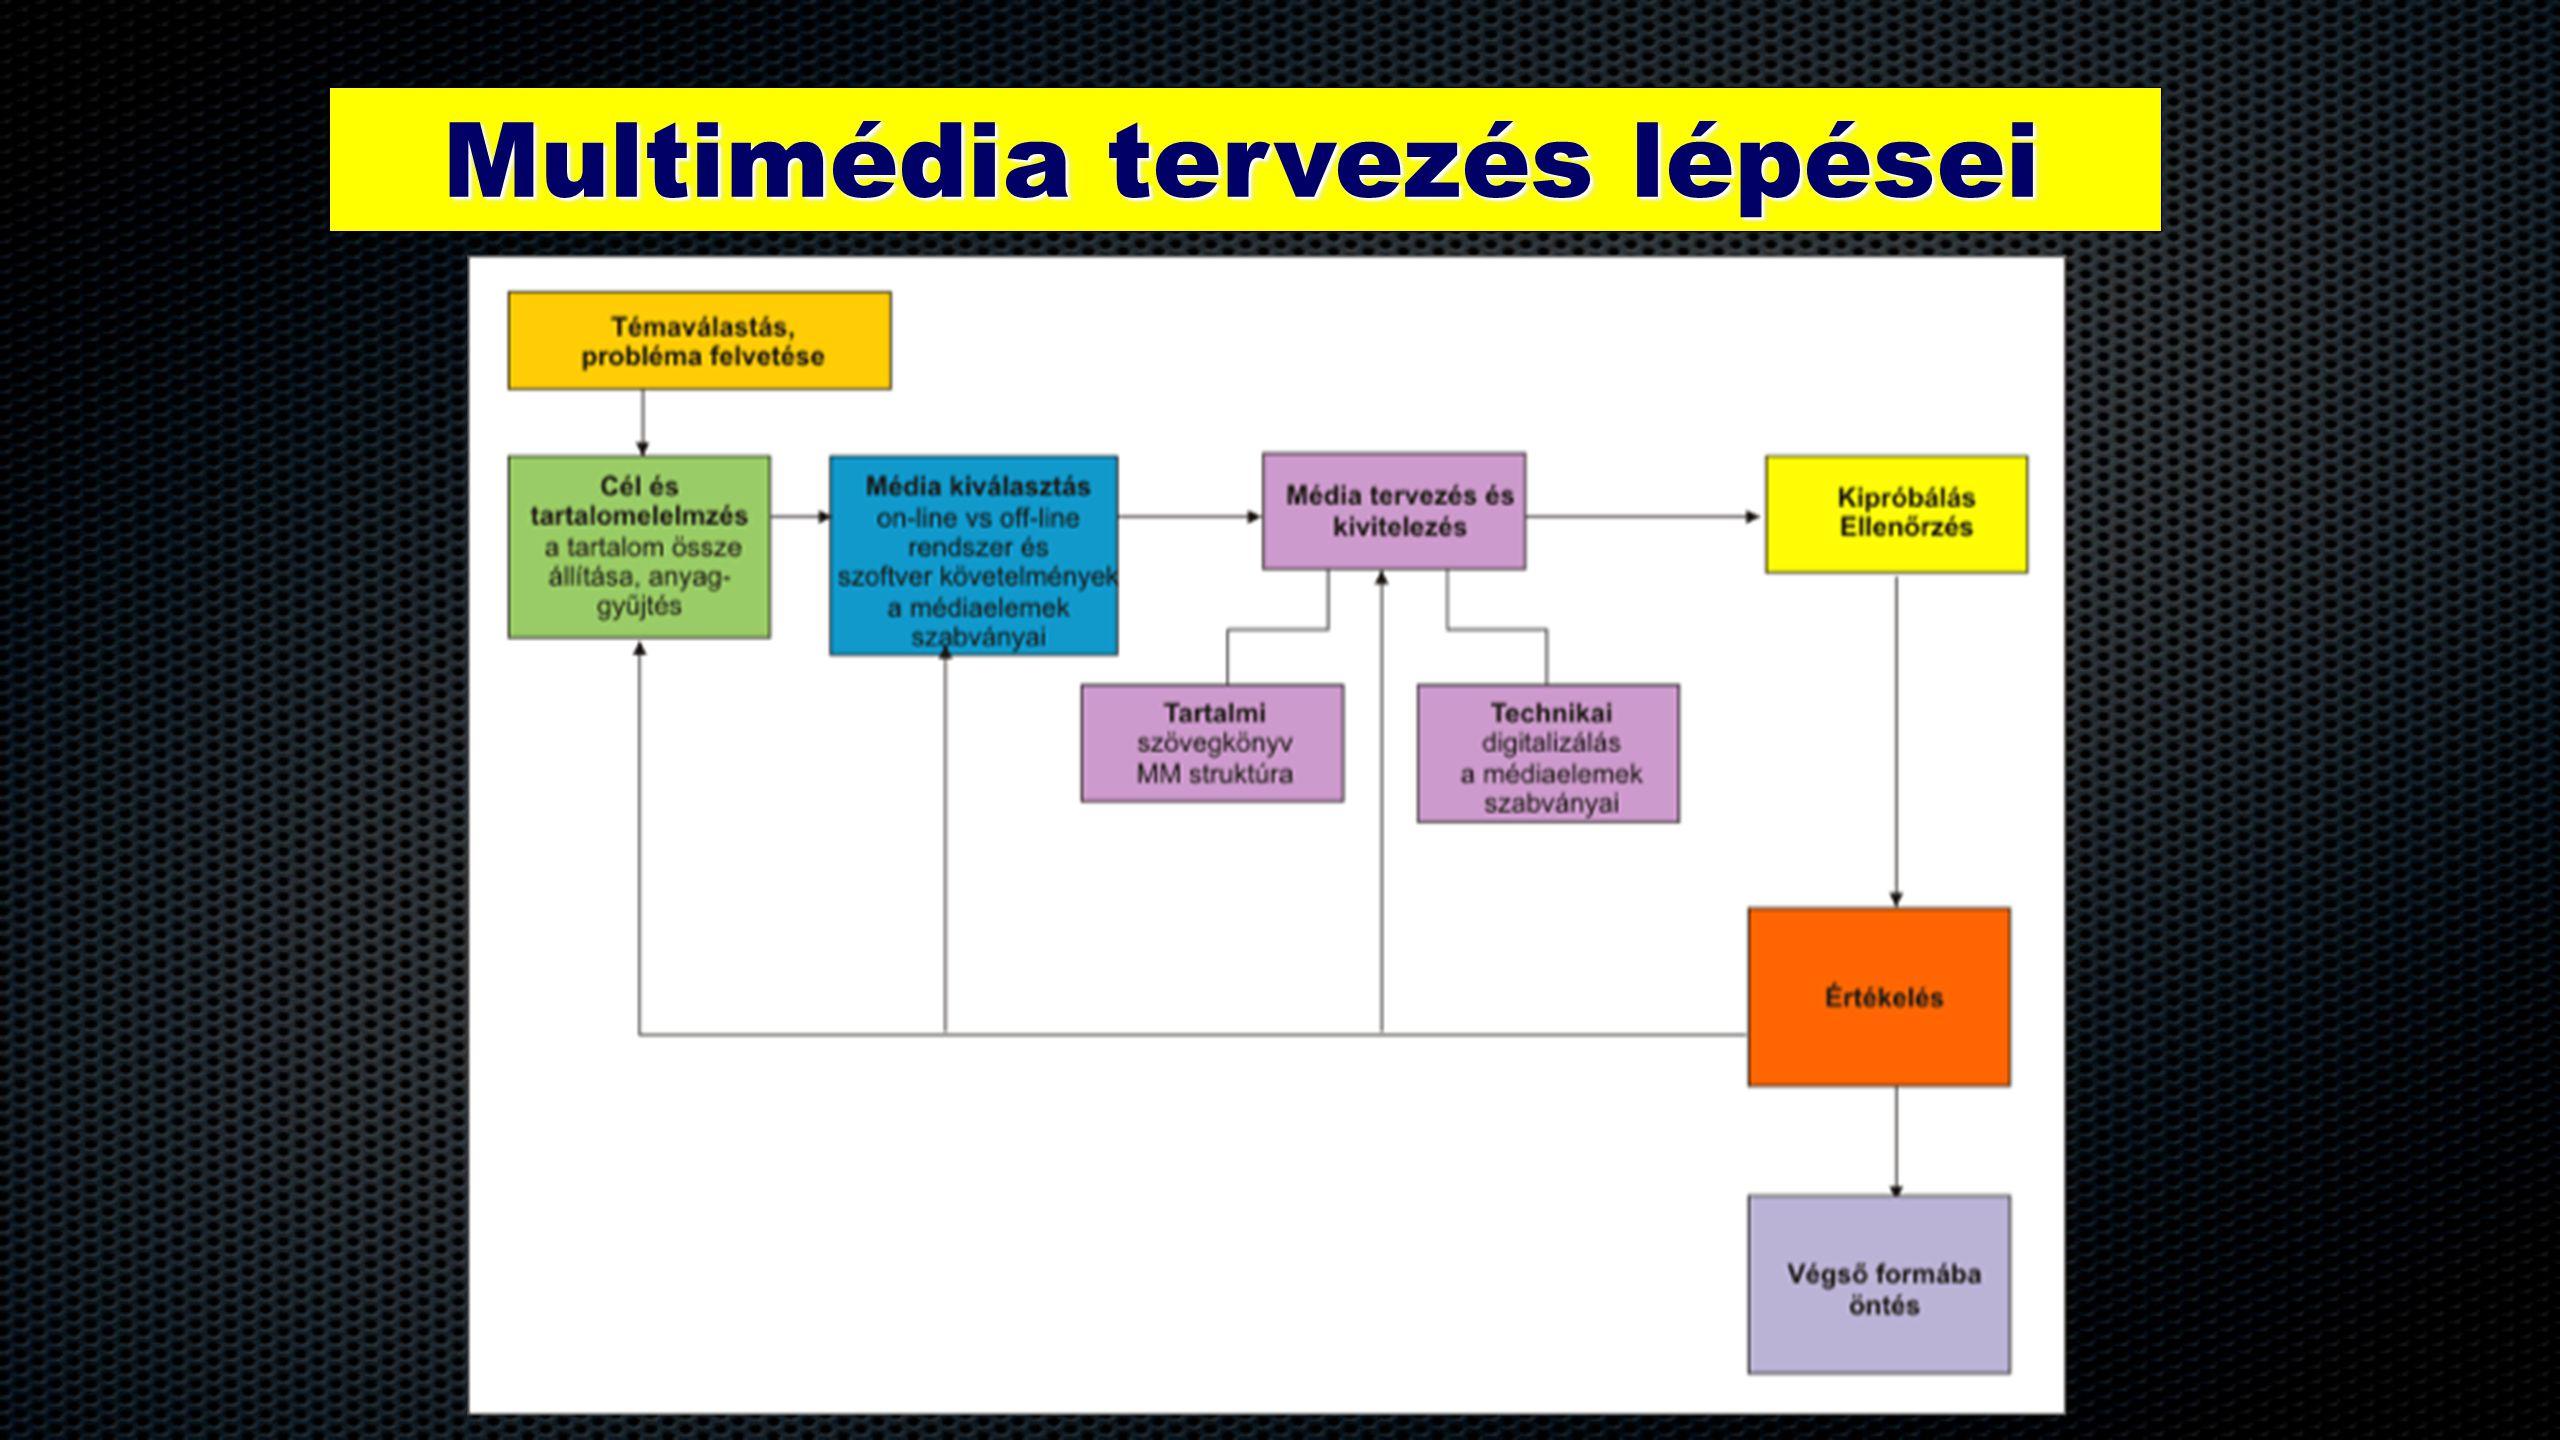 Multimédia tervezés lépései